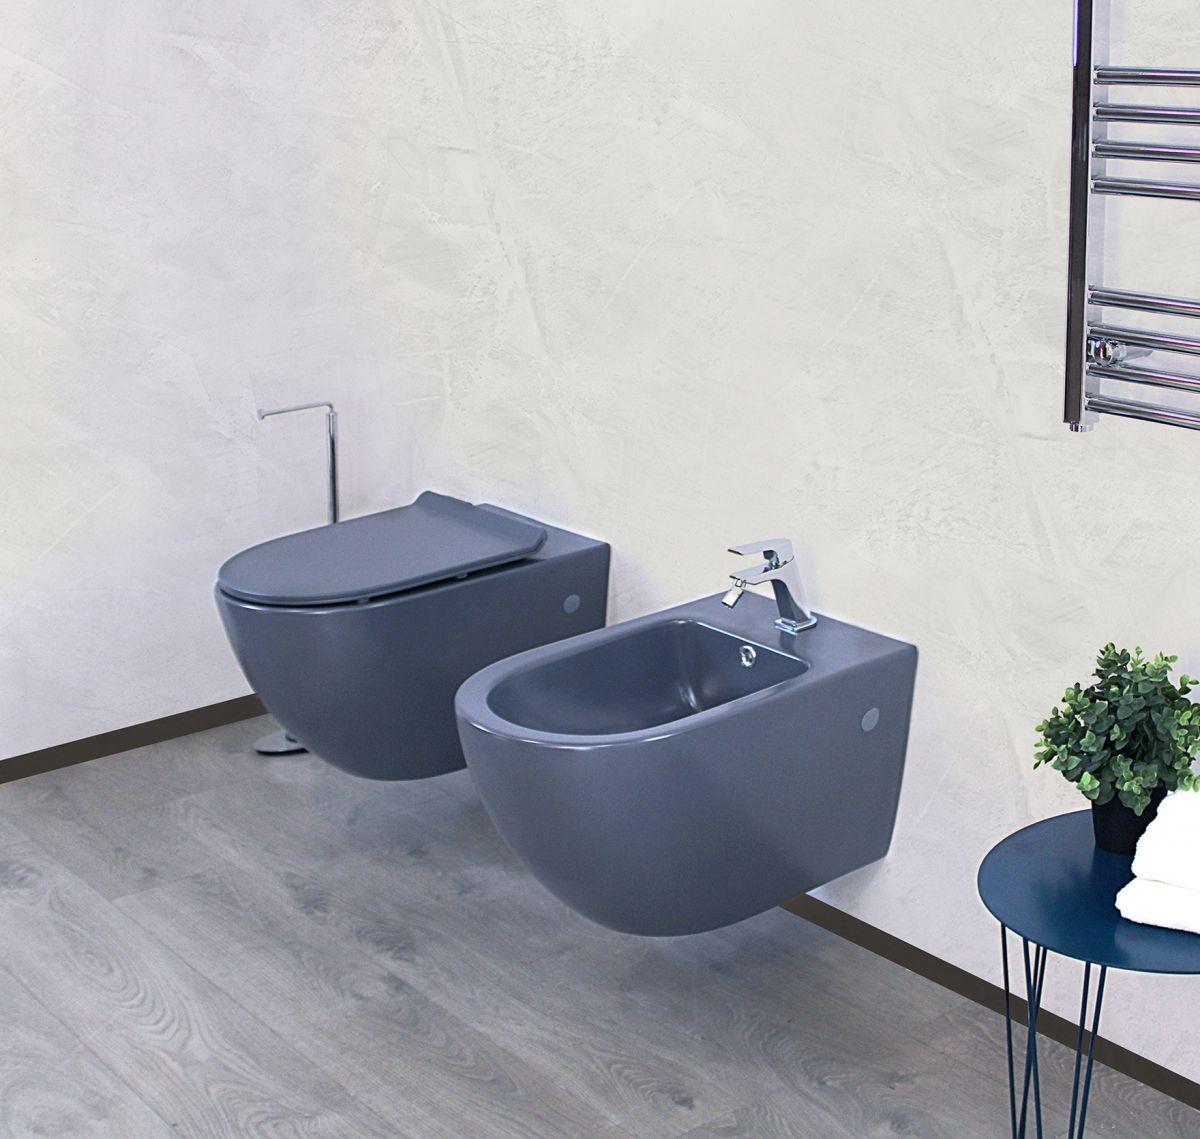 Round sospeso grigio 3 Sanitari Sospesi Round in ceramica col grigio opaco Vaso+Bidet+Coprivaso Soft Close